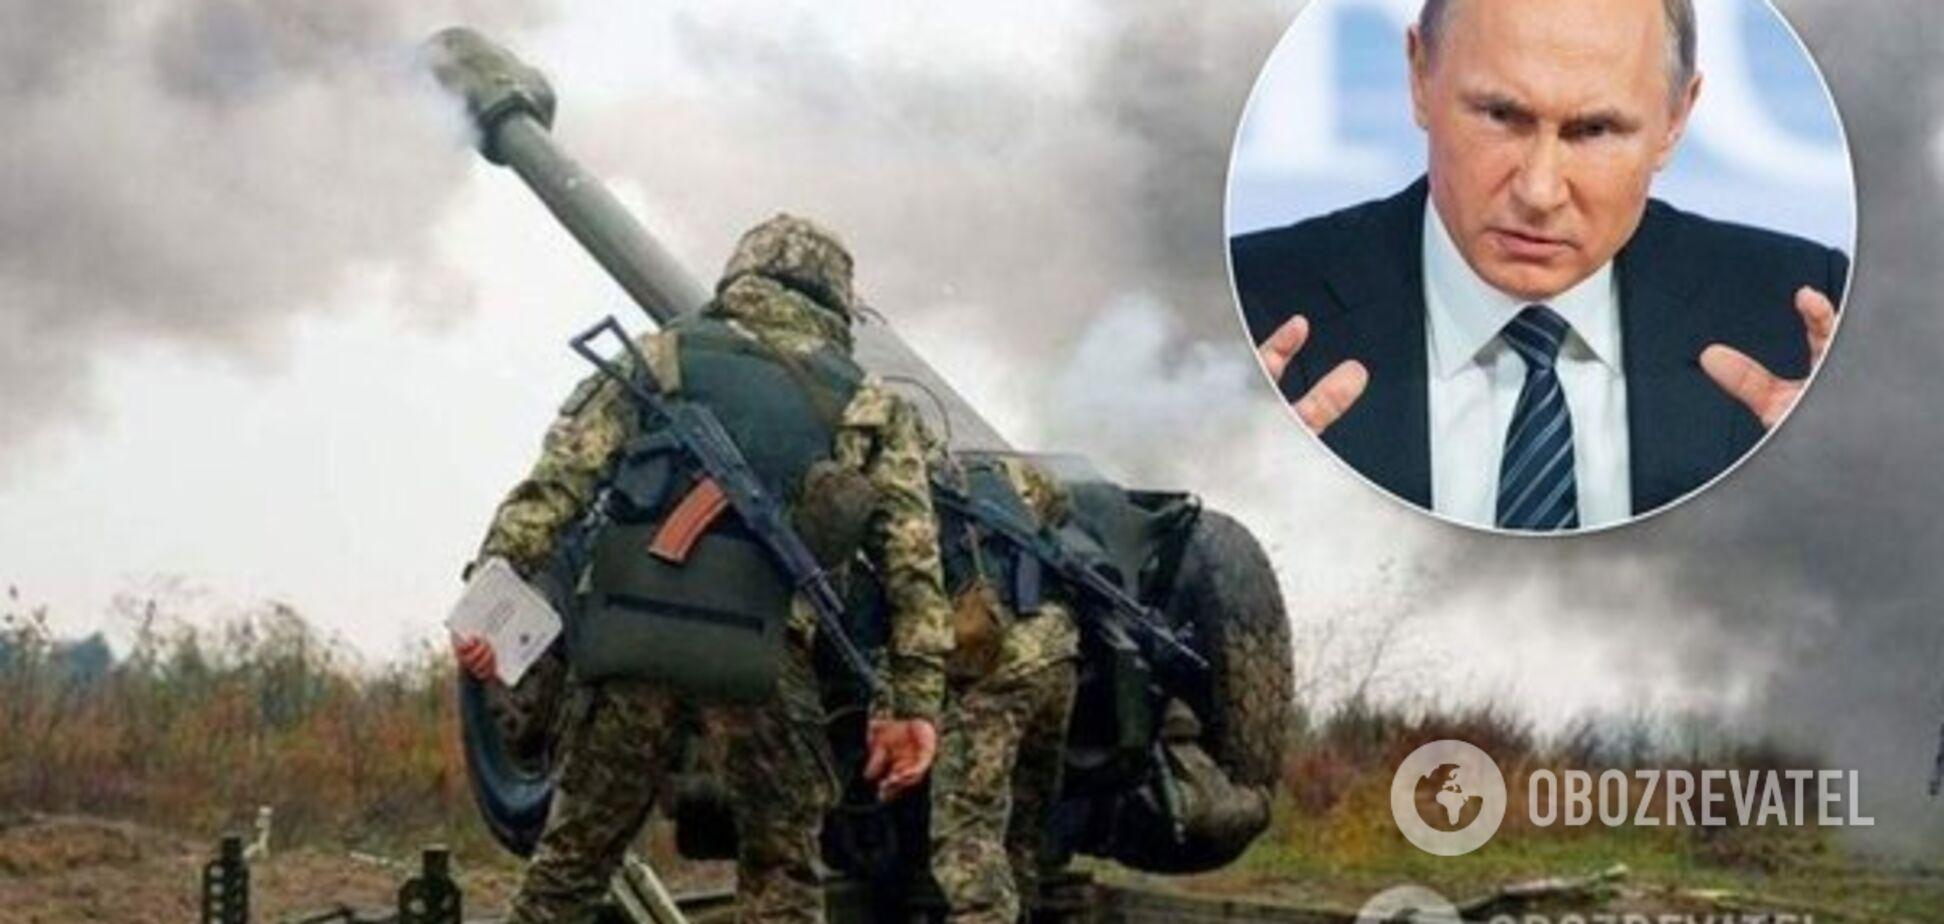 'Не хотят мира!' В СБНО сделали важное заявление об атаке РФ на Луганщине